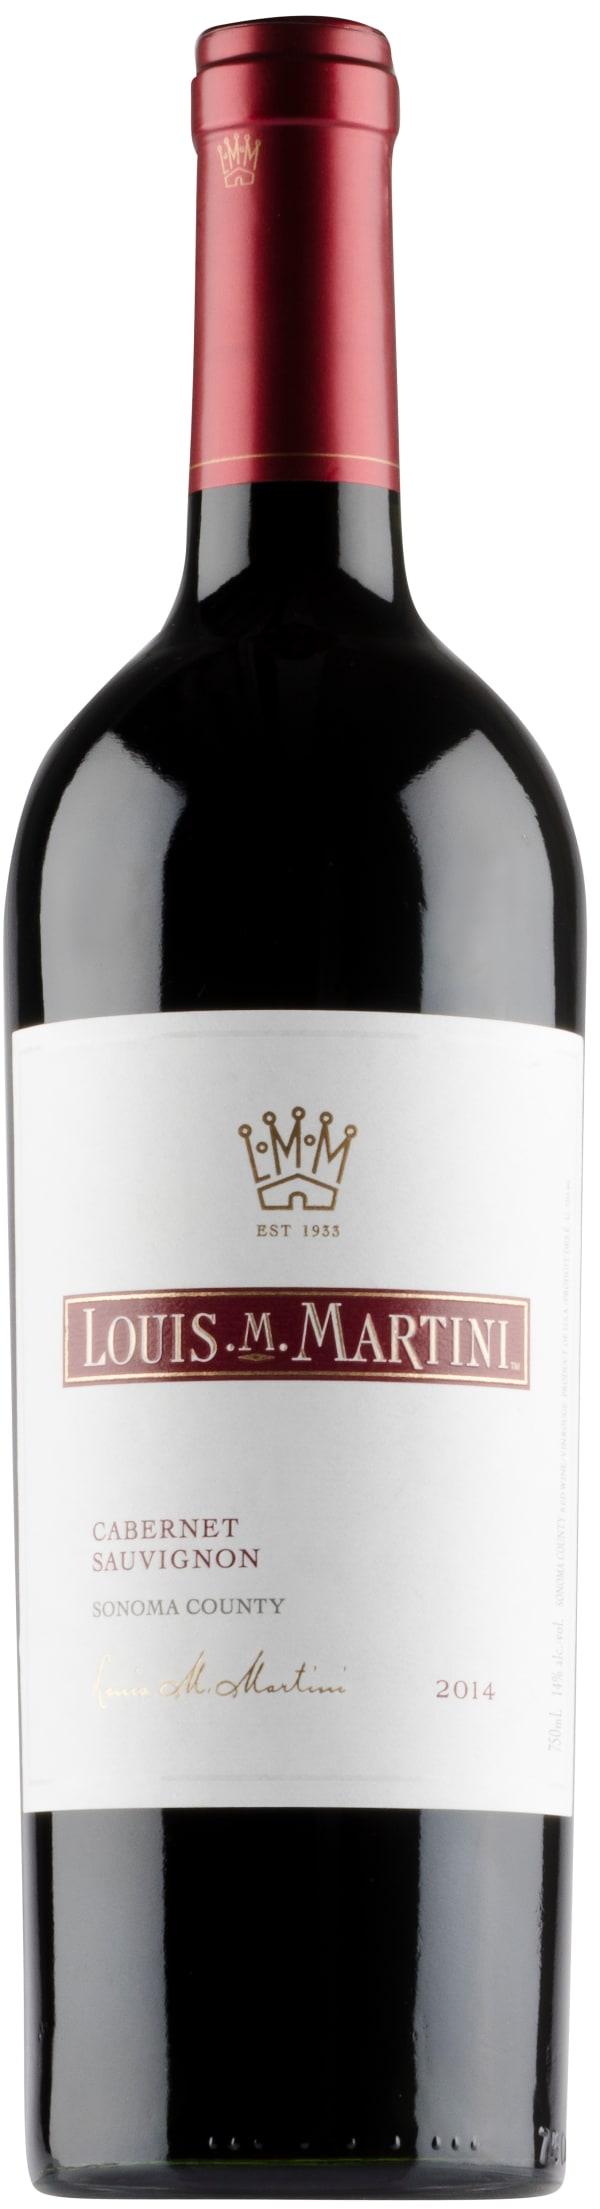 Louis M. Martini Cabernet Sauvignon 2015